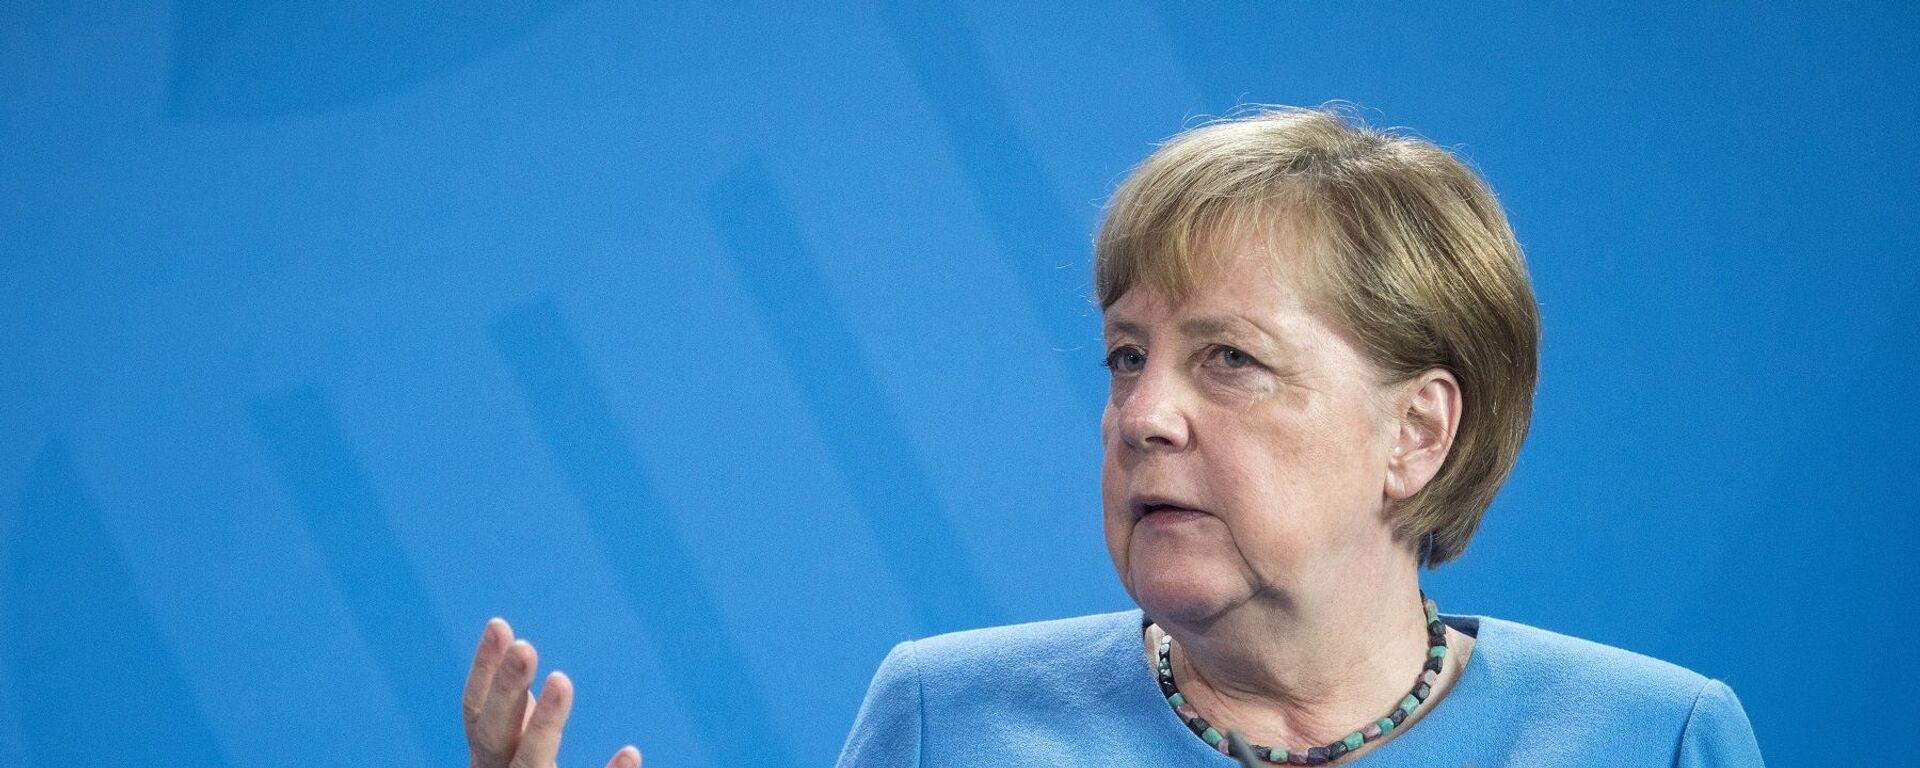 Almanya Başbakanı Angela Merkel - Sputnik Türkiye, 1920, 01.09.2021